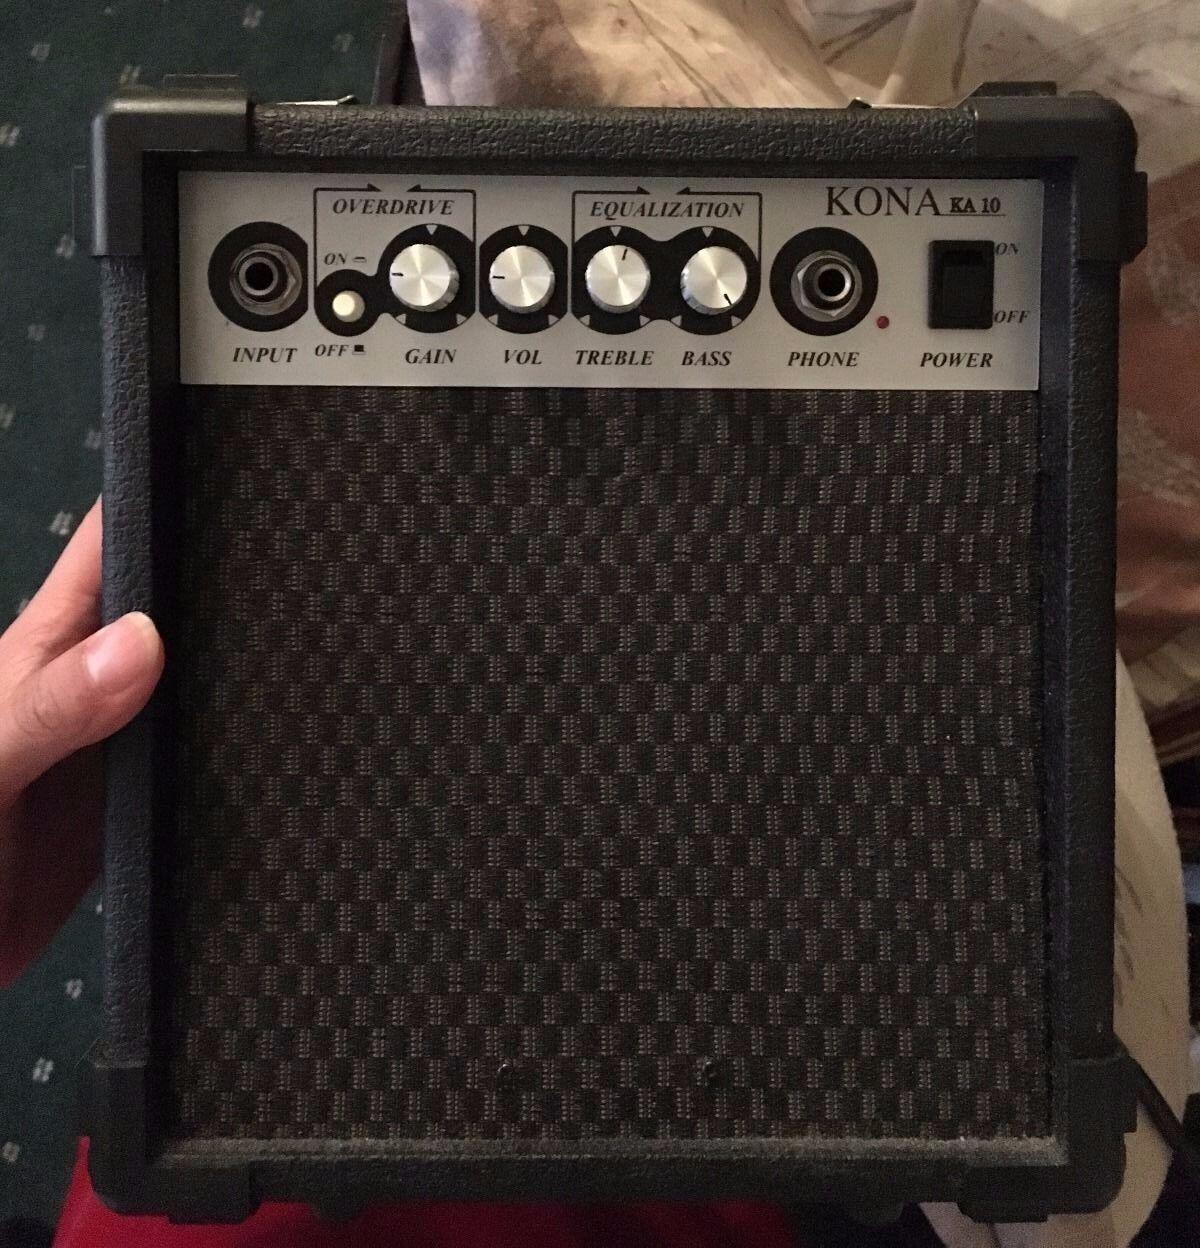 Kona 10-Watt Electric Guitar Practice Amplifier Power Amp w  Overdrive